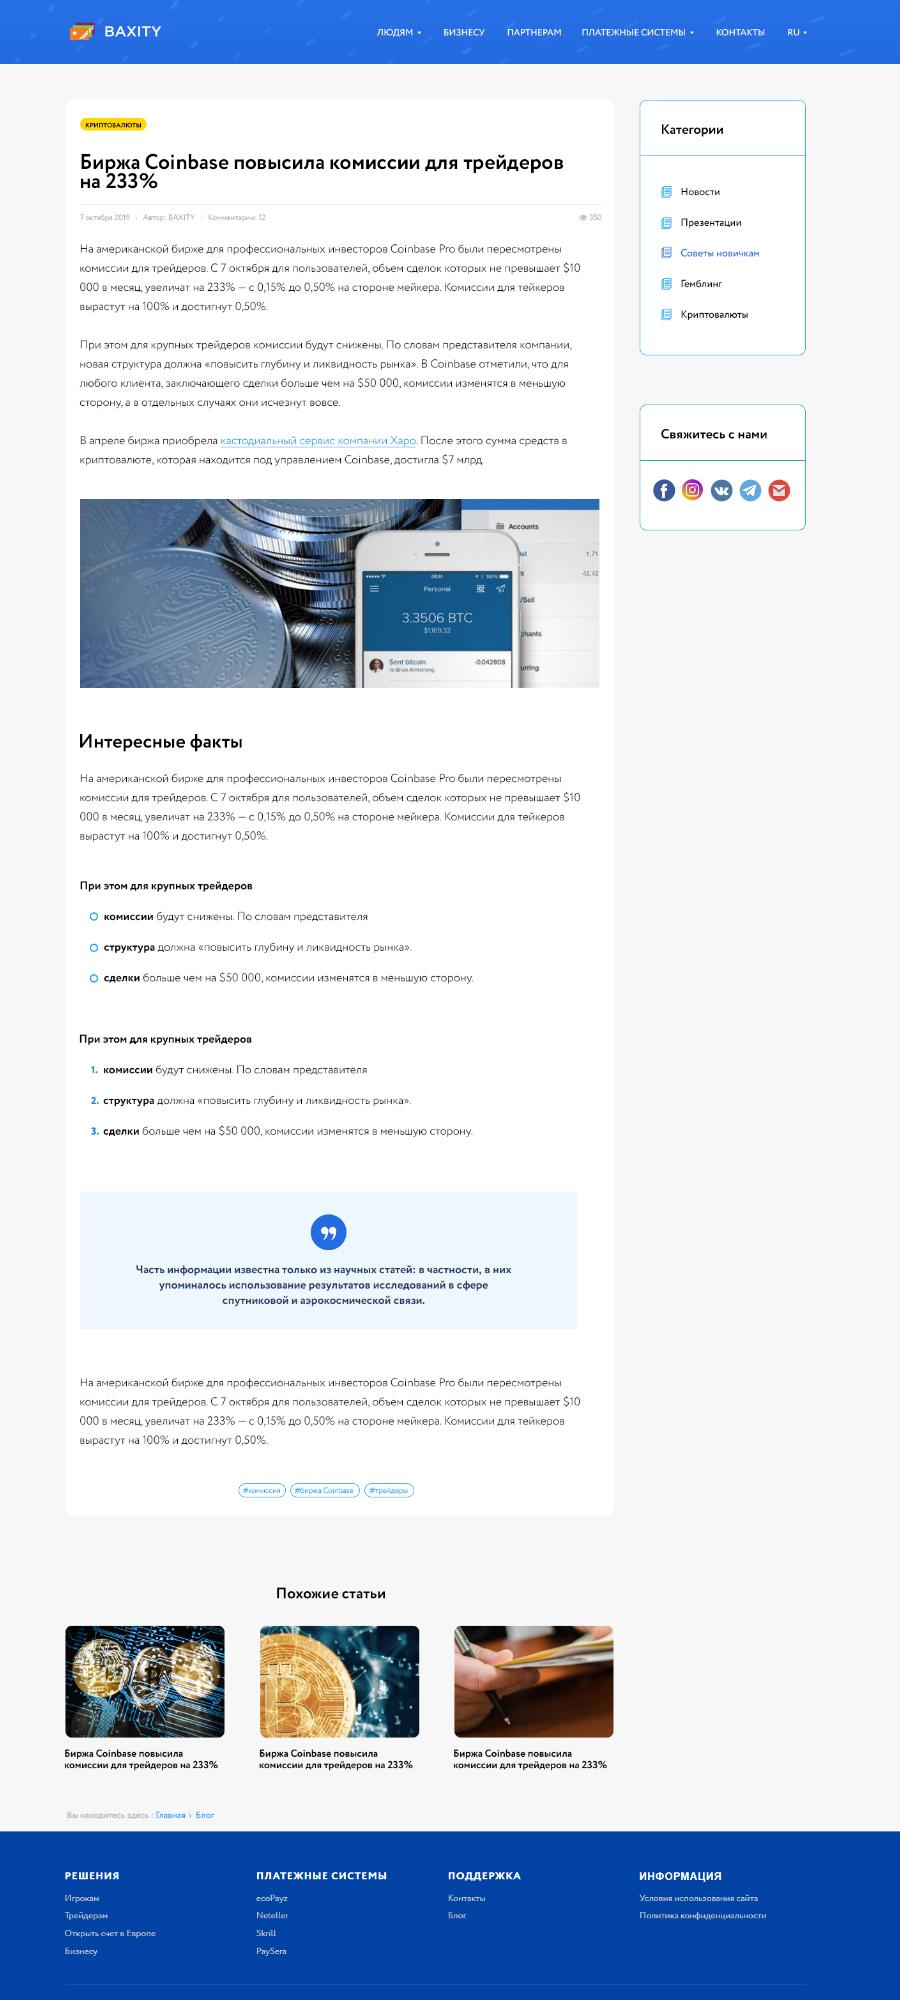 Заказать сайт блог под ключ